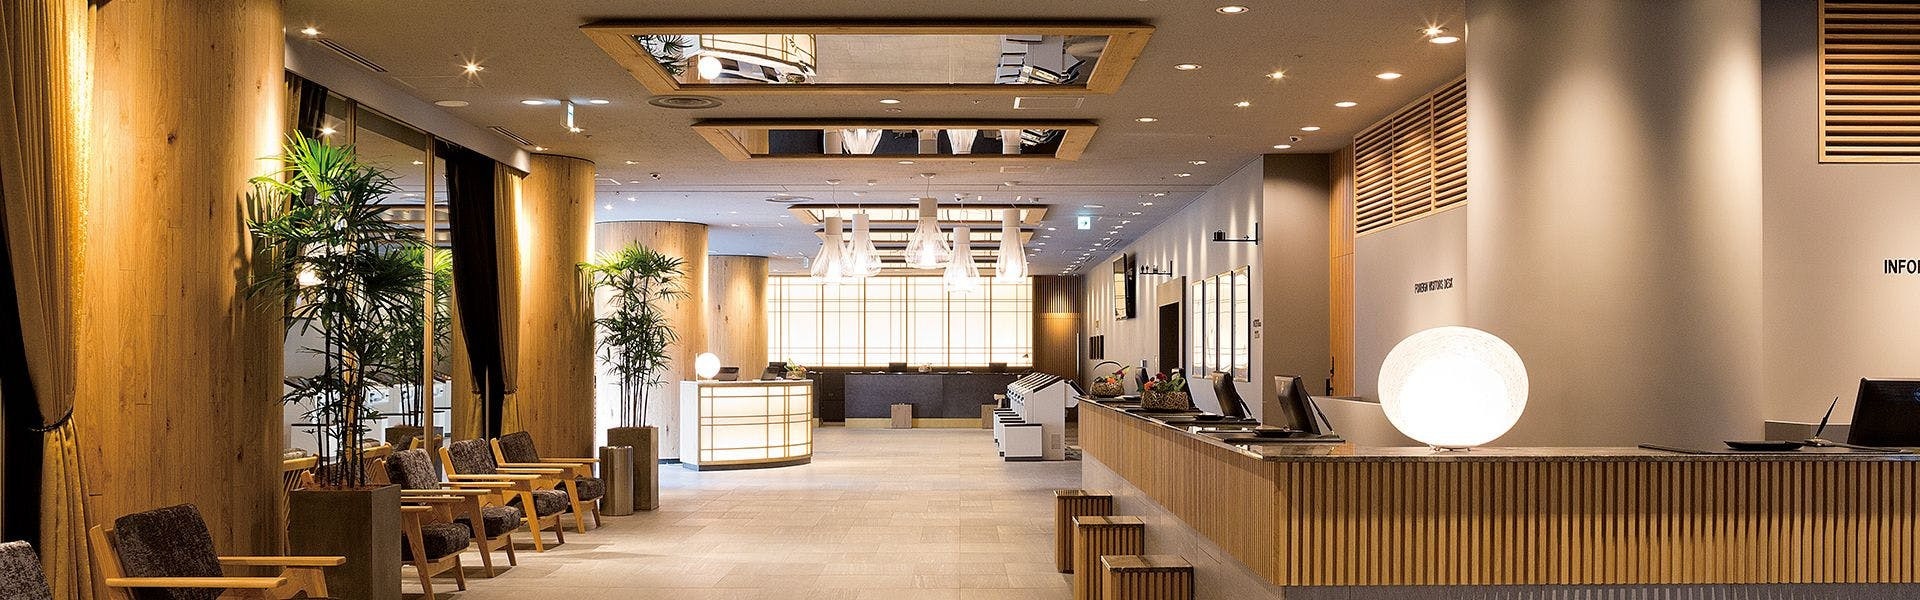 クロス 東 サクラ ホテル 新宿